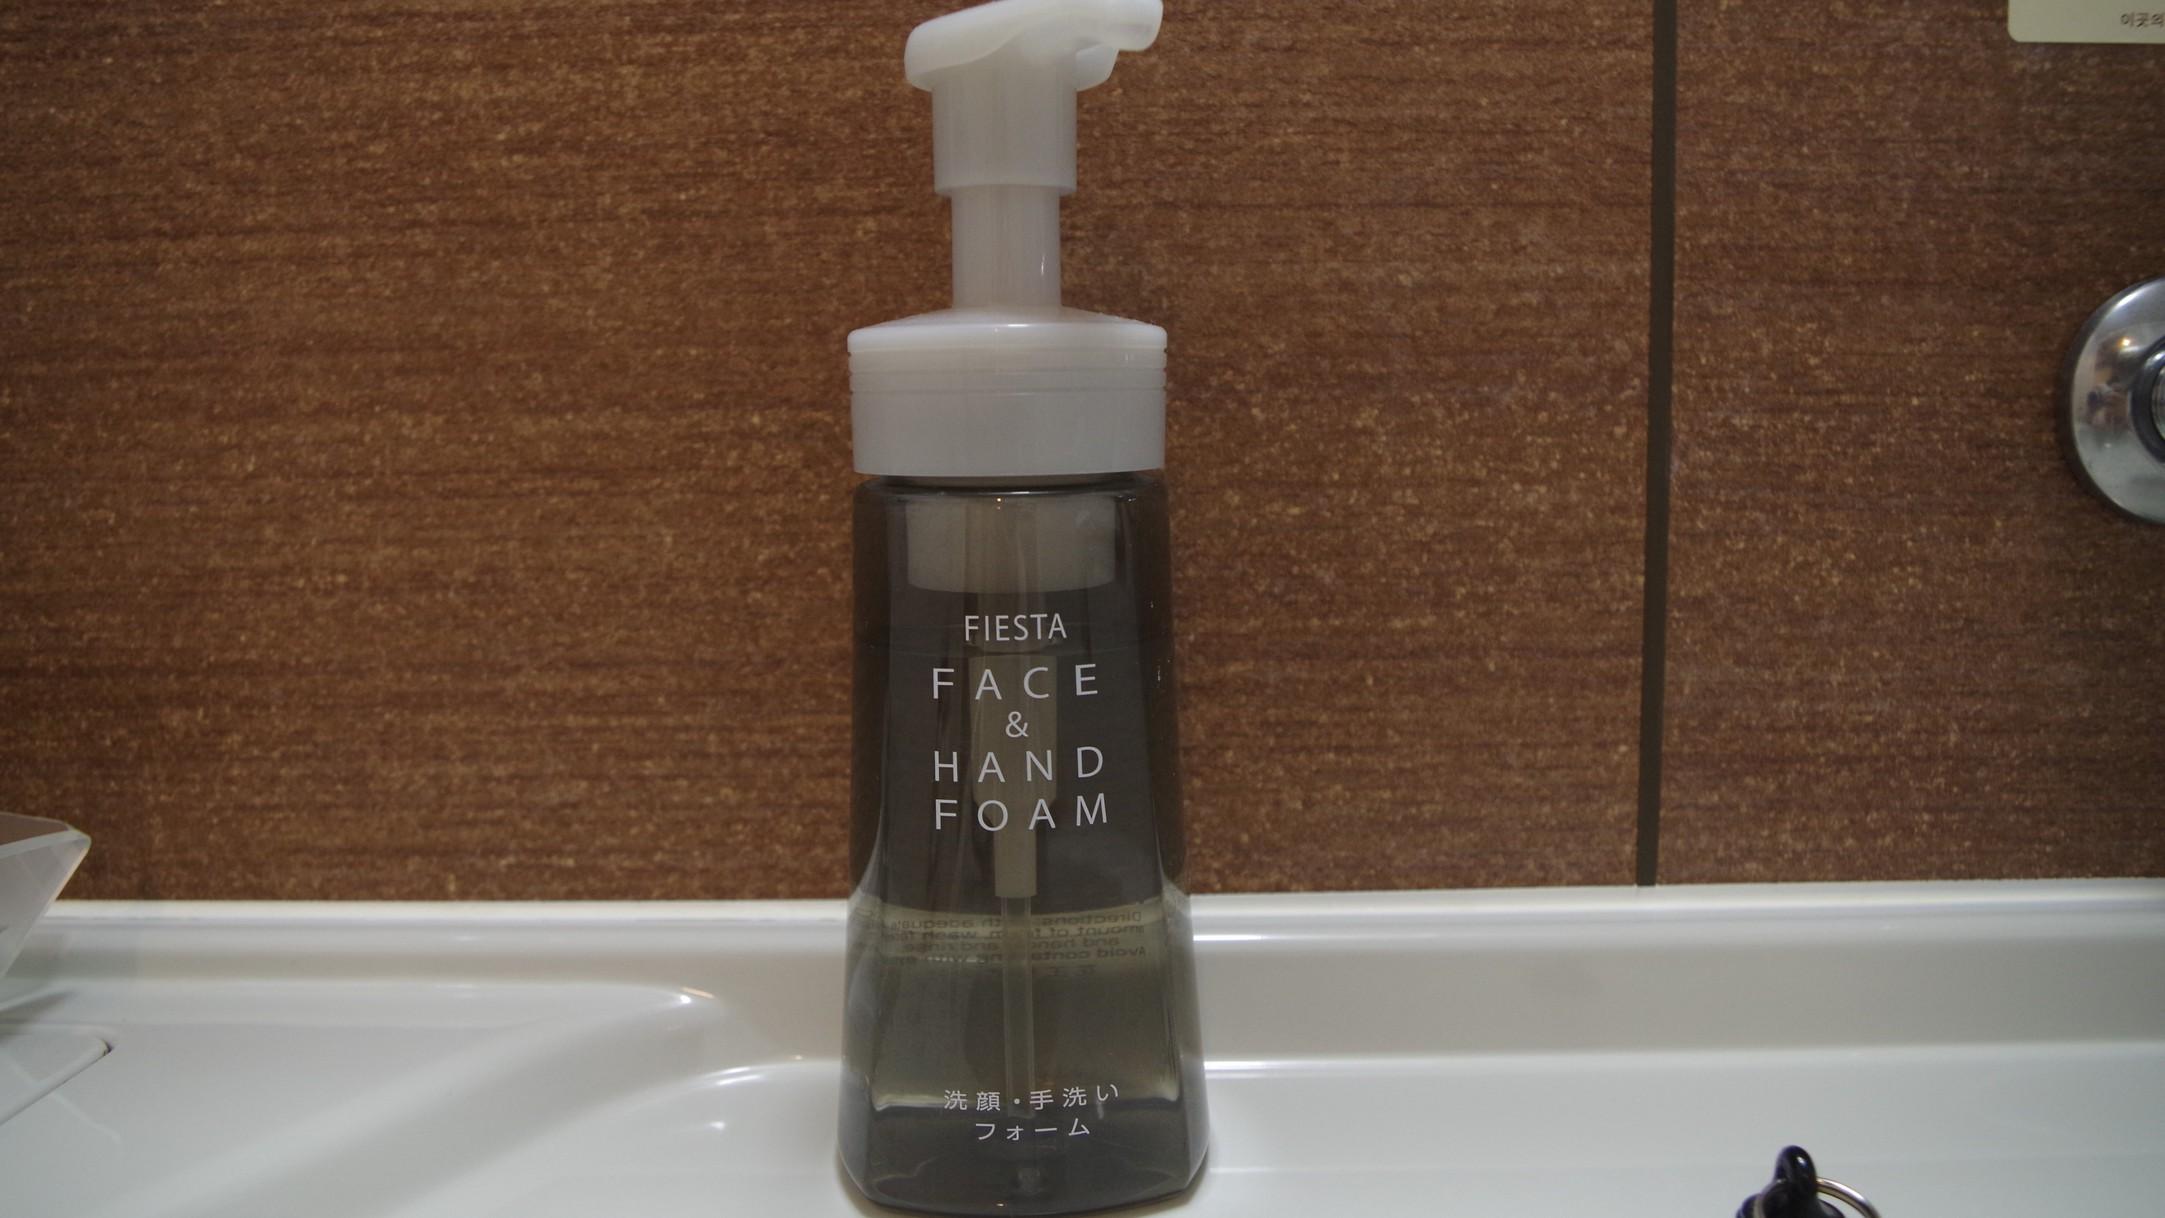 ユニット内に ハンドソープをご用意。洗顔にも使用できます。